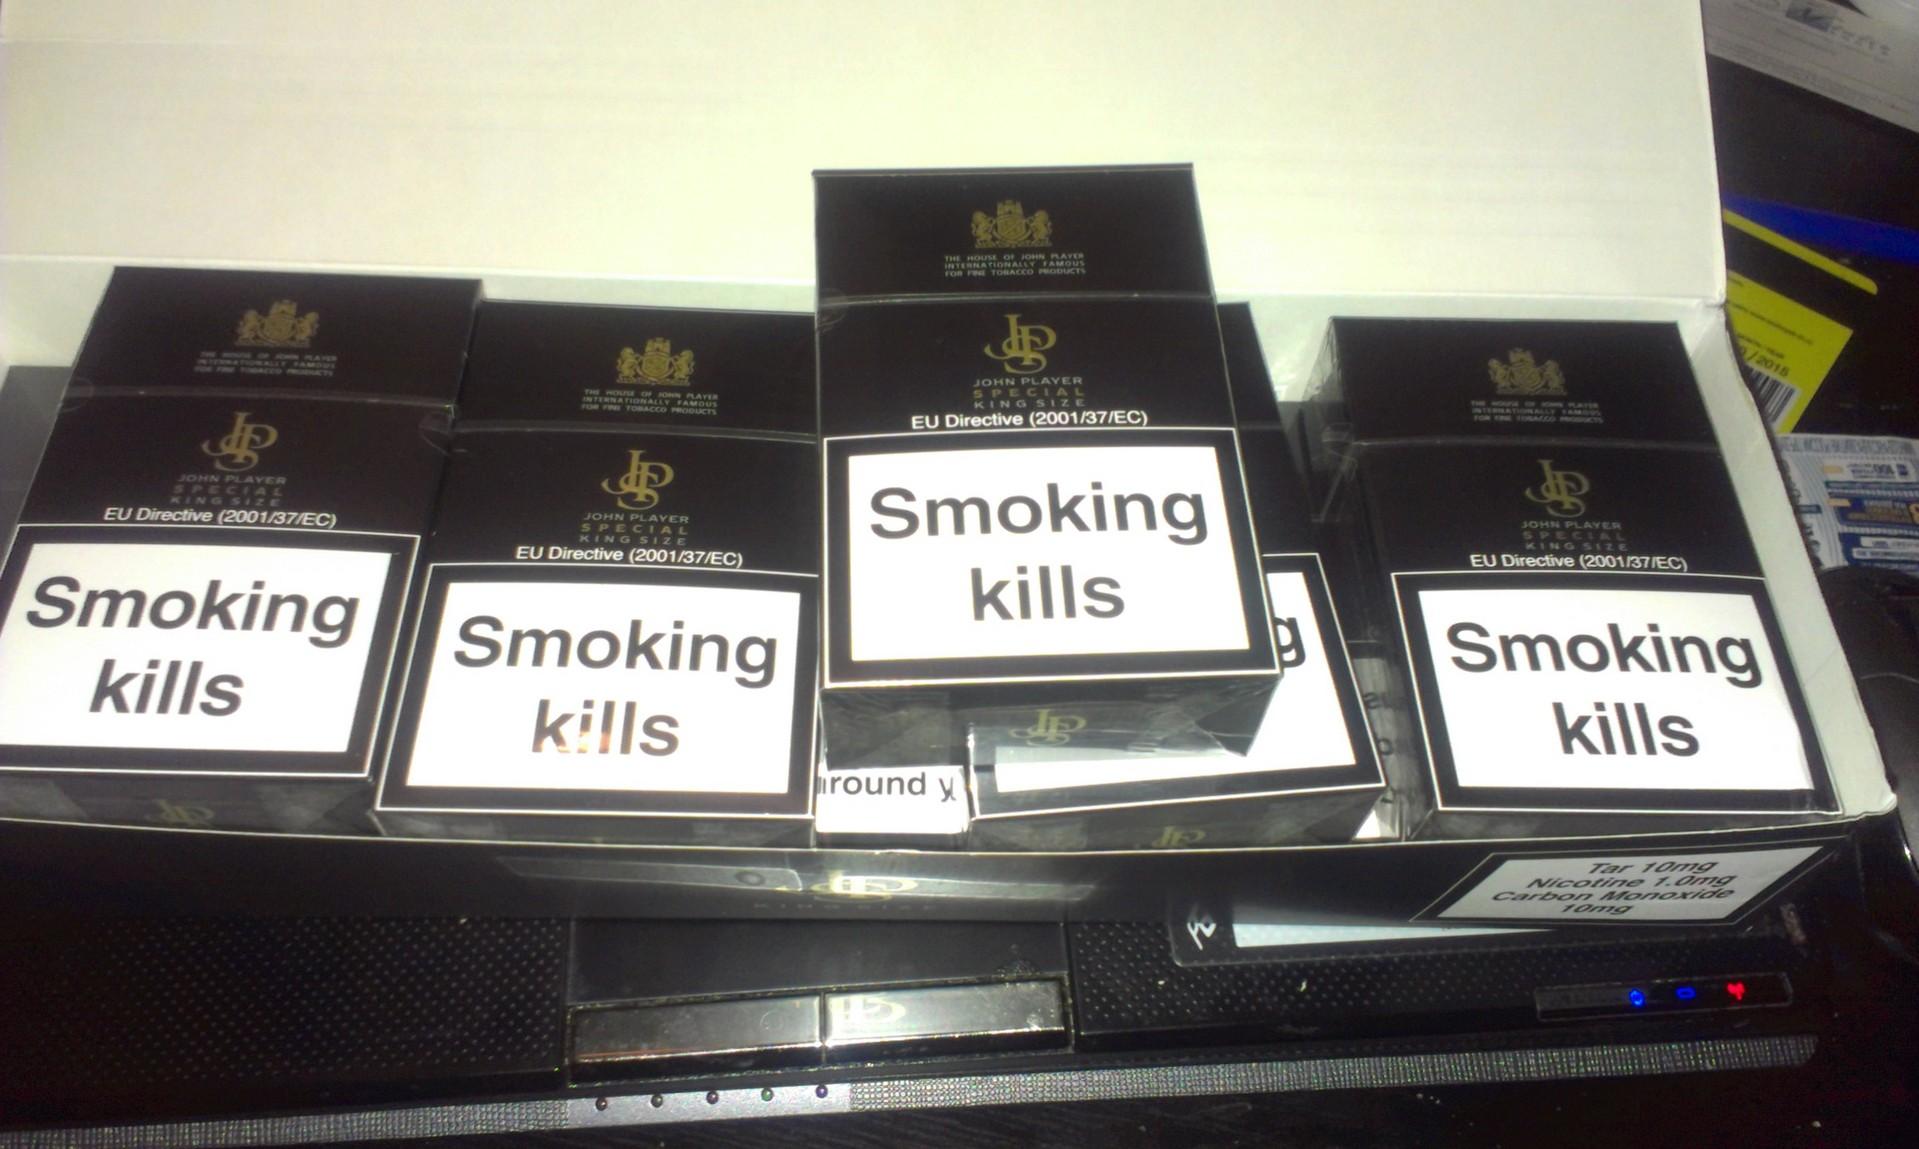 Москве можно купить импортные сигареты лоджик электронная сигарета купить спб недорого